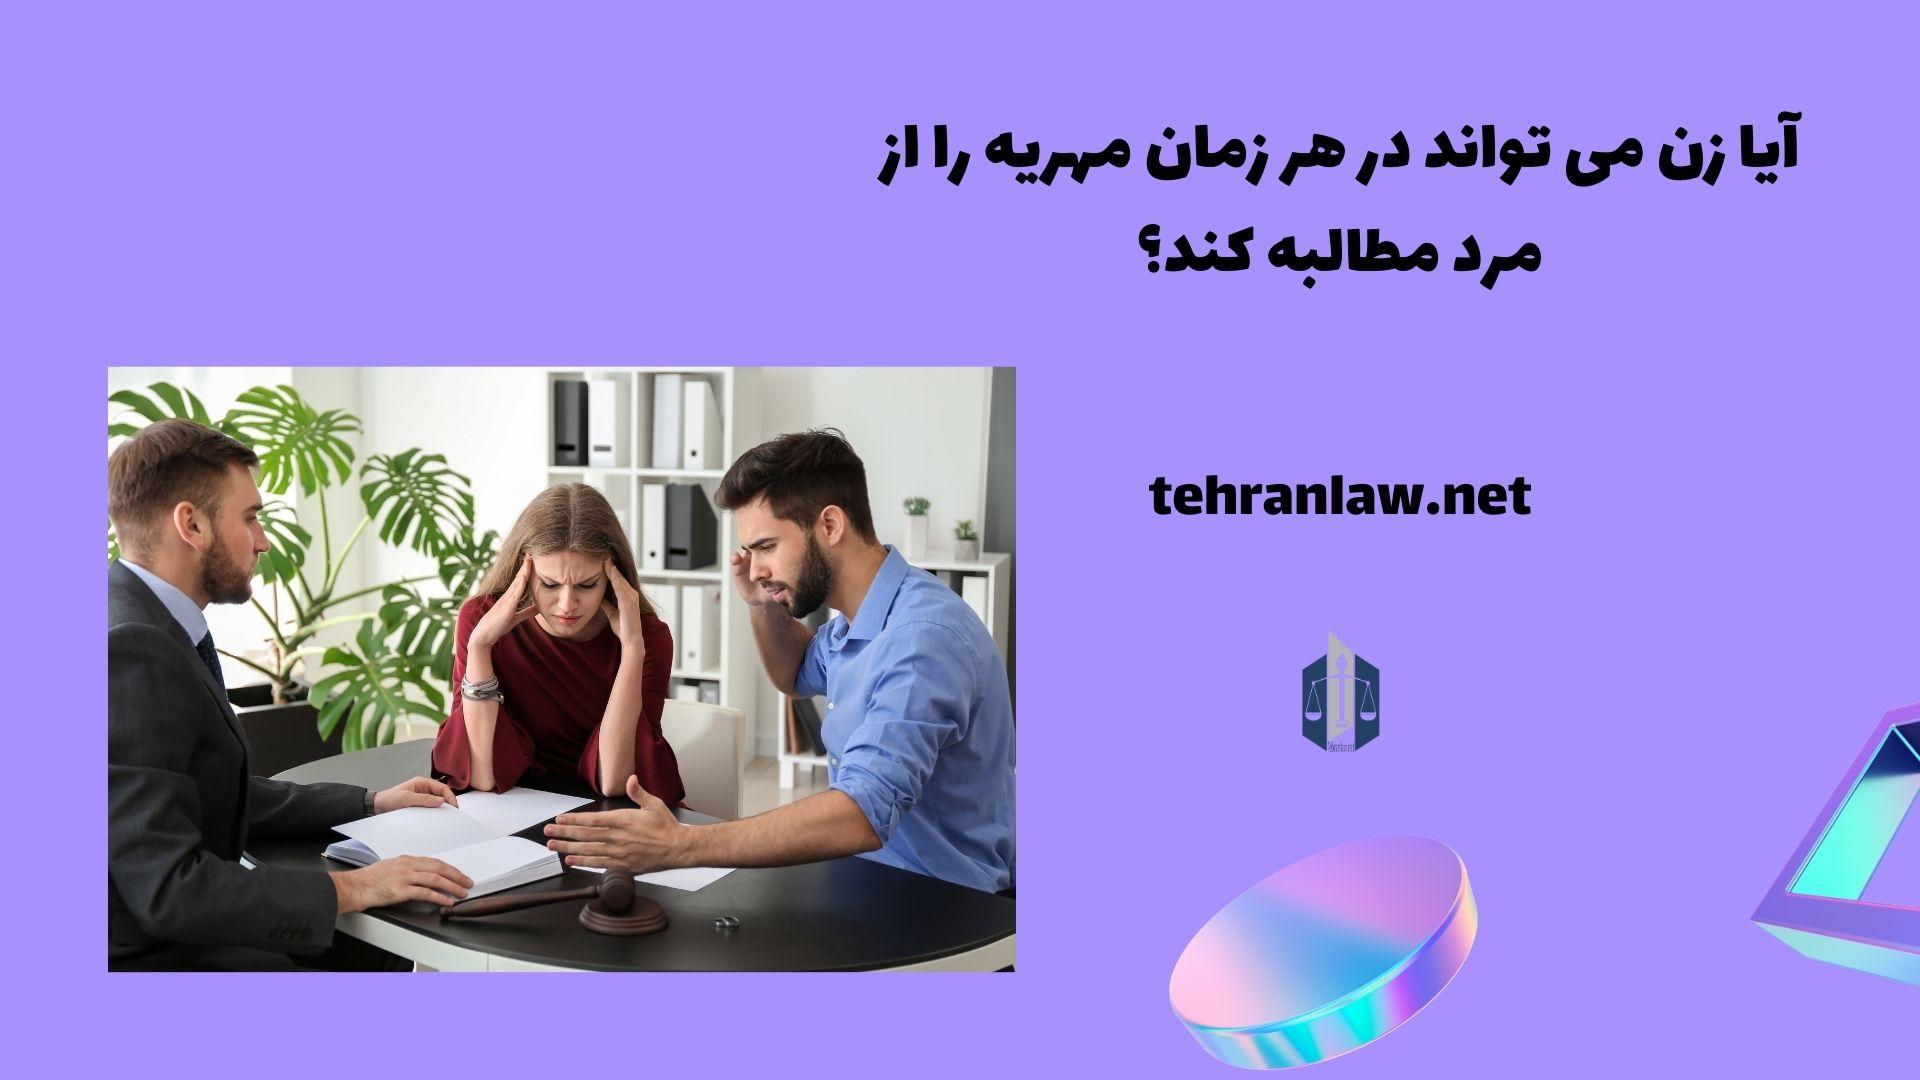 آیا زن می تواند در هر زمان مهریه را از مرد مطالبه کند؟